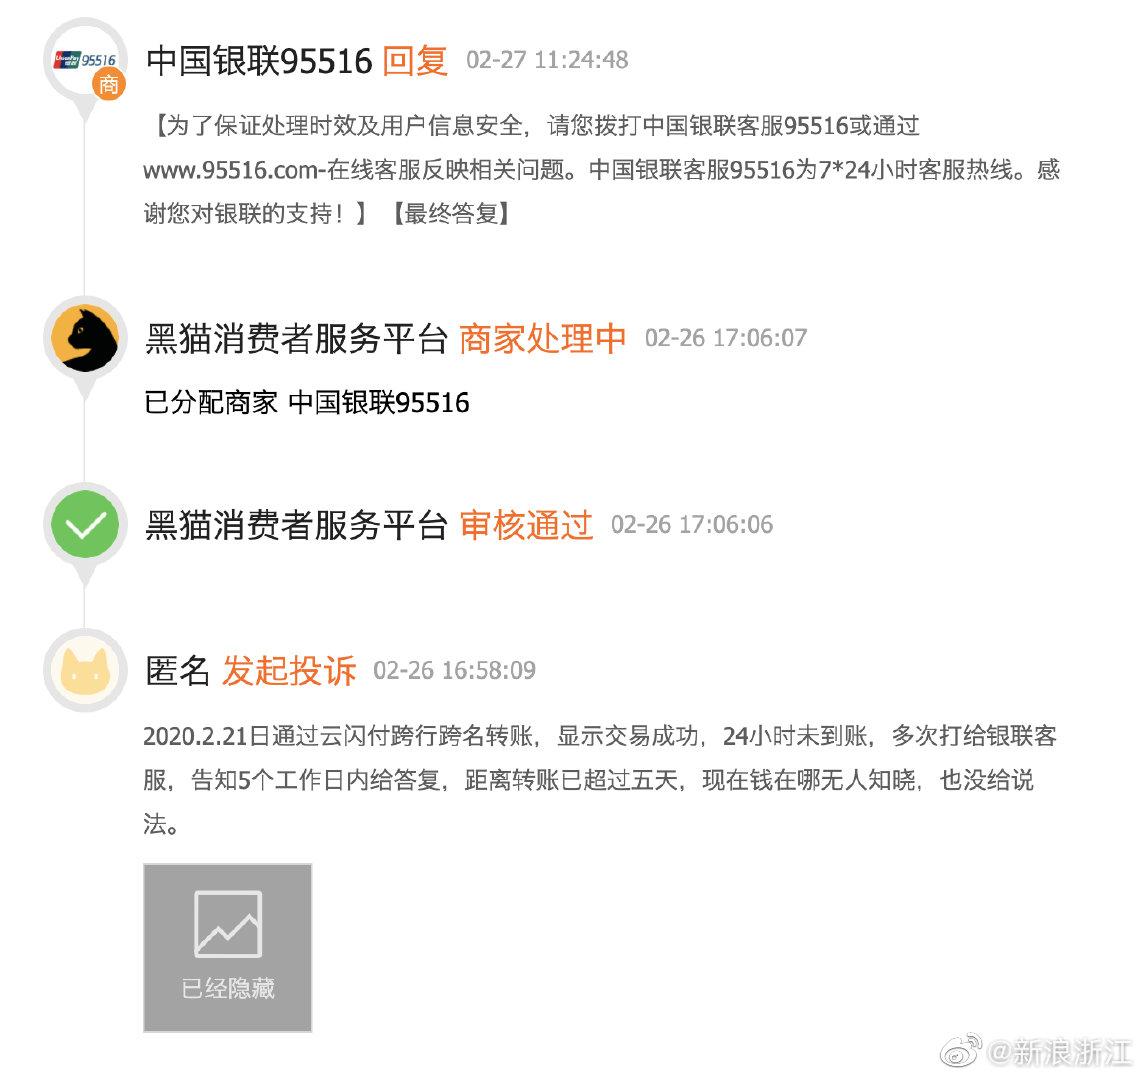 网友投诉@中国银联95516 :通过云闪付跨行转账未到账